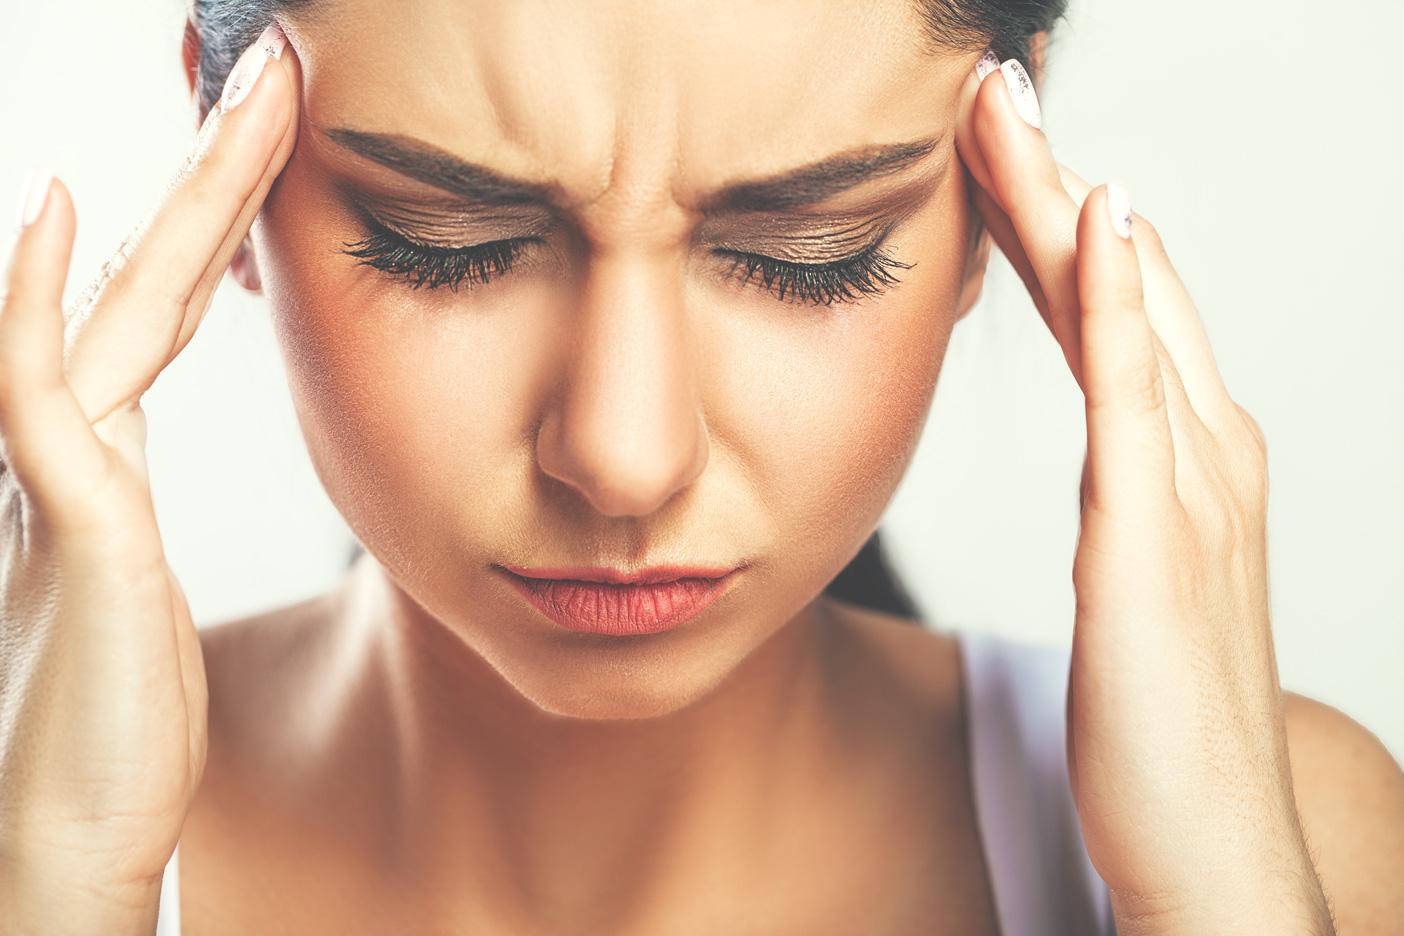 Czym jest reakcja stresowa? - Fazy stresu - Pozytywny i negatywny stres